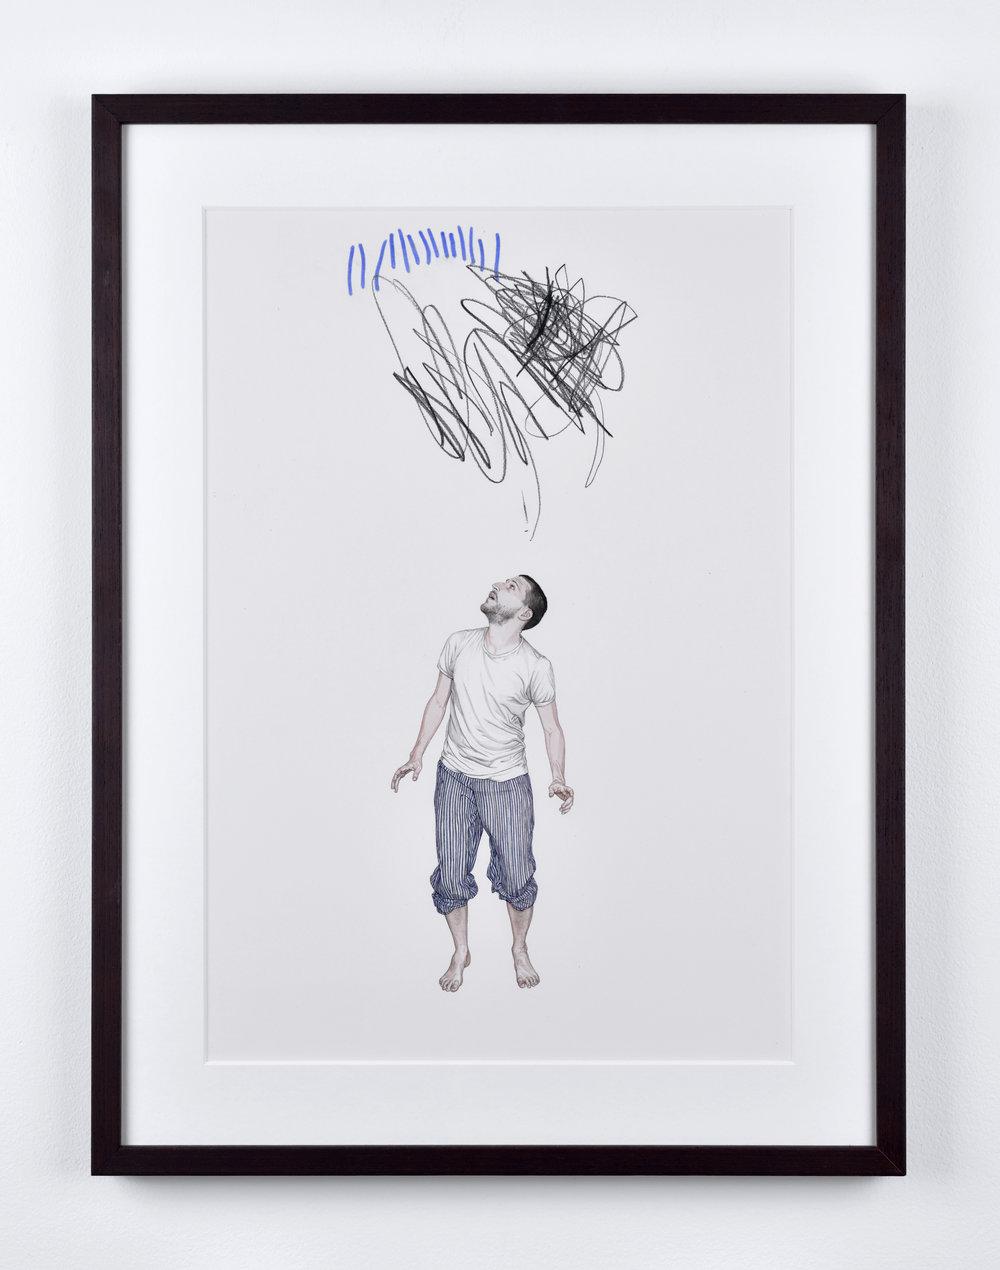 Fabien Mérelle, Papa, sous la pluie et l'orage, 2015 ink on paper 46,5 x 32 cm - 18 1/4 x 12 1/2 inches